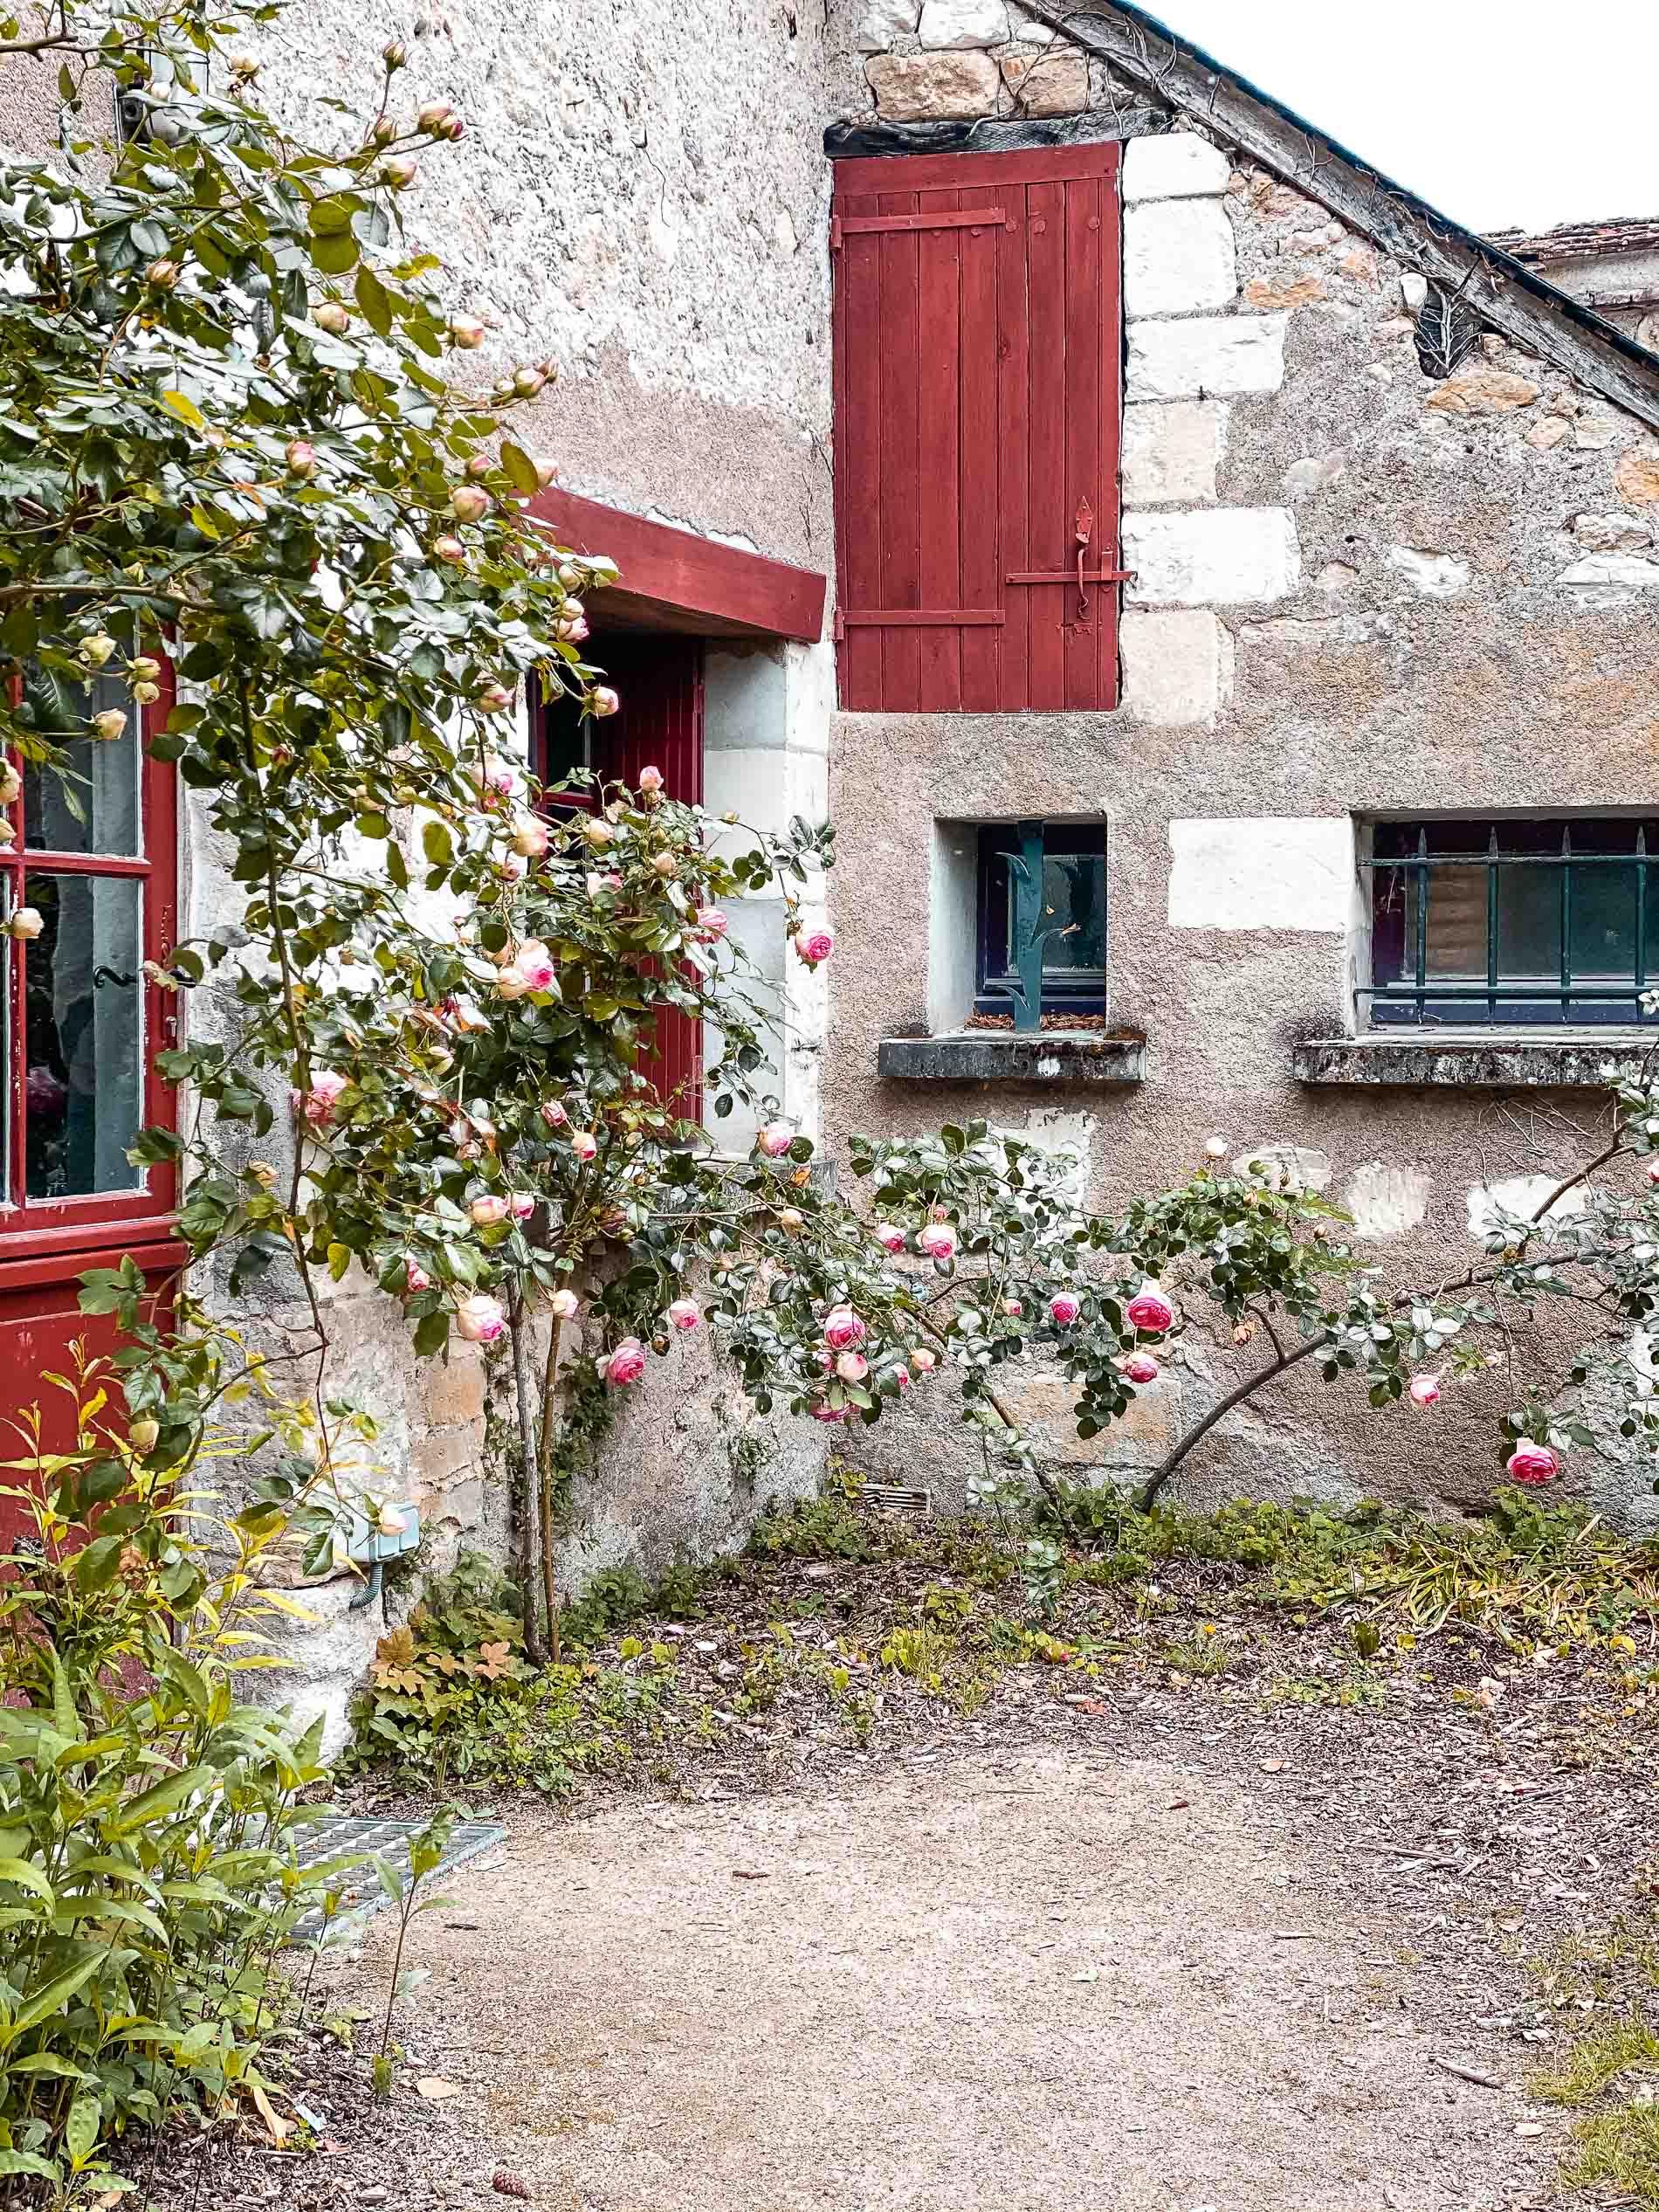 chateau-du-clos-luce-exterieur Escapade en famille sur les traces de Léonard de Vinci au Château du Clos Lucé